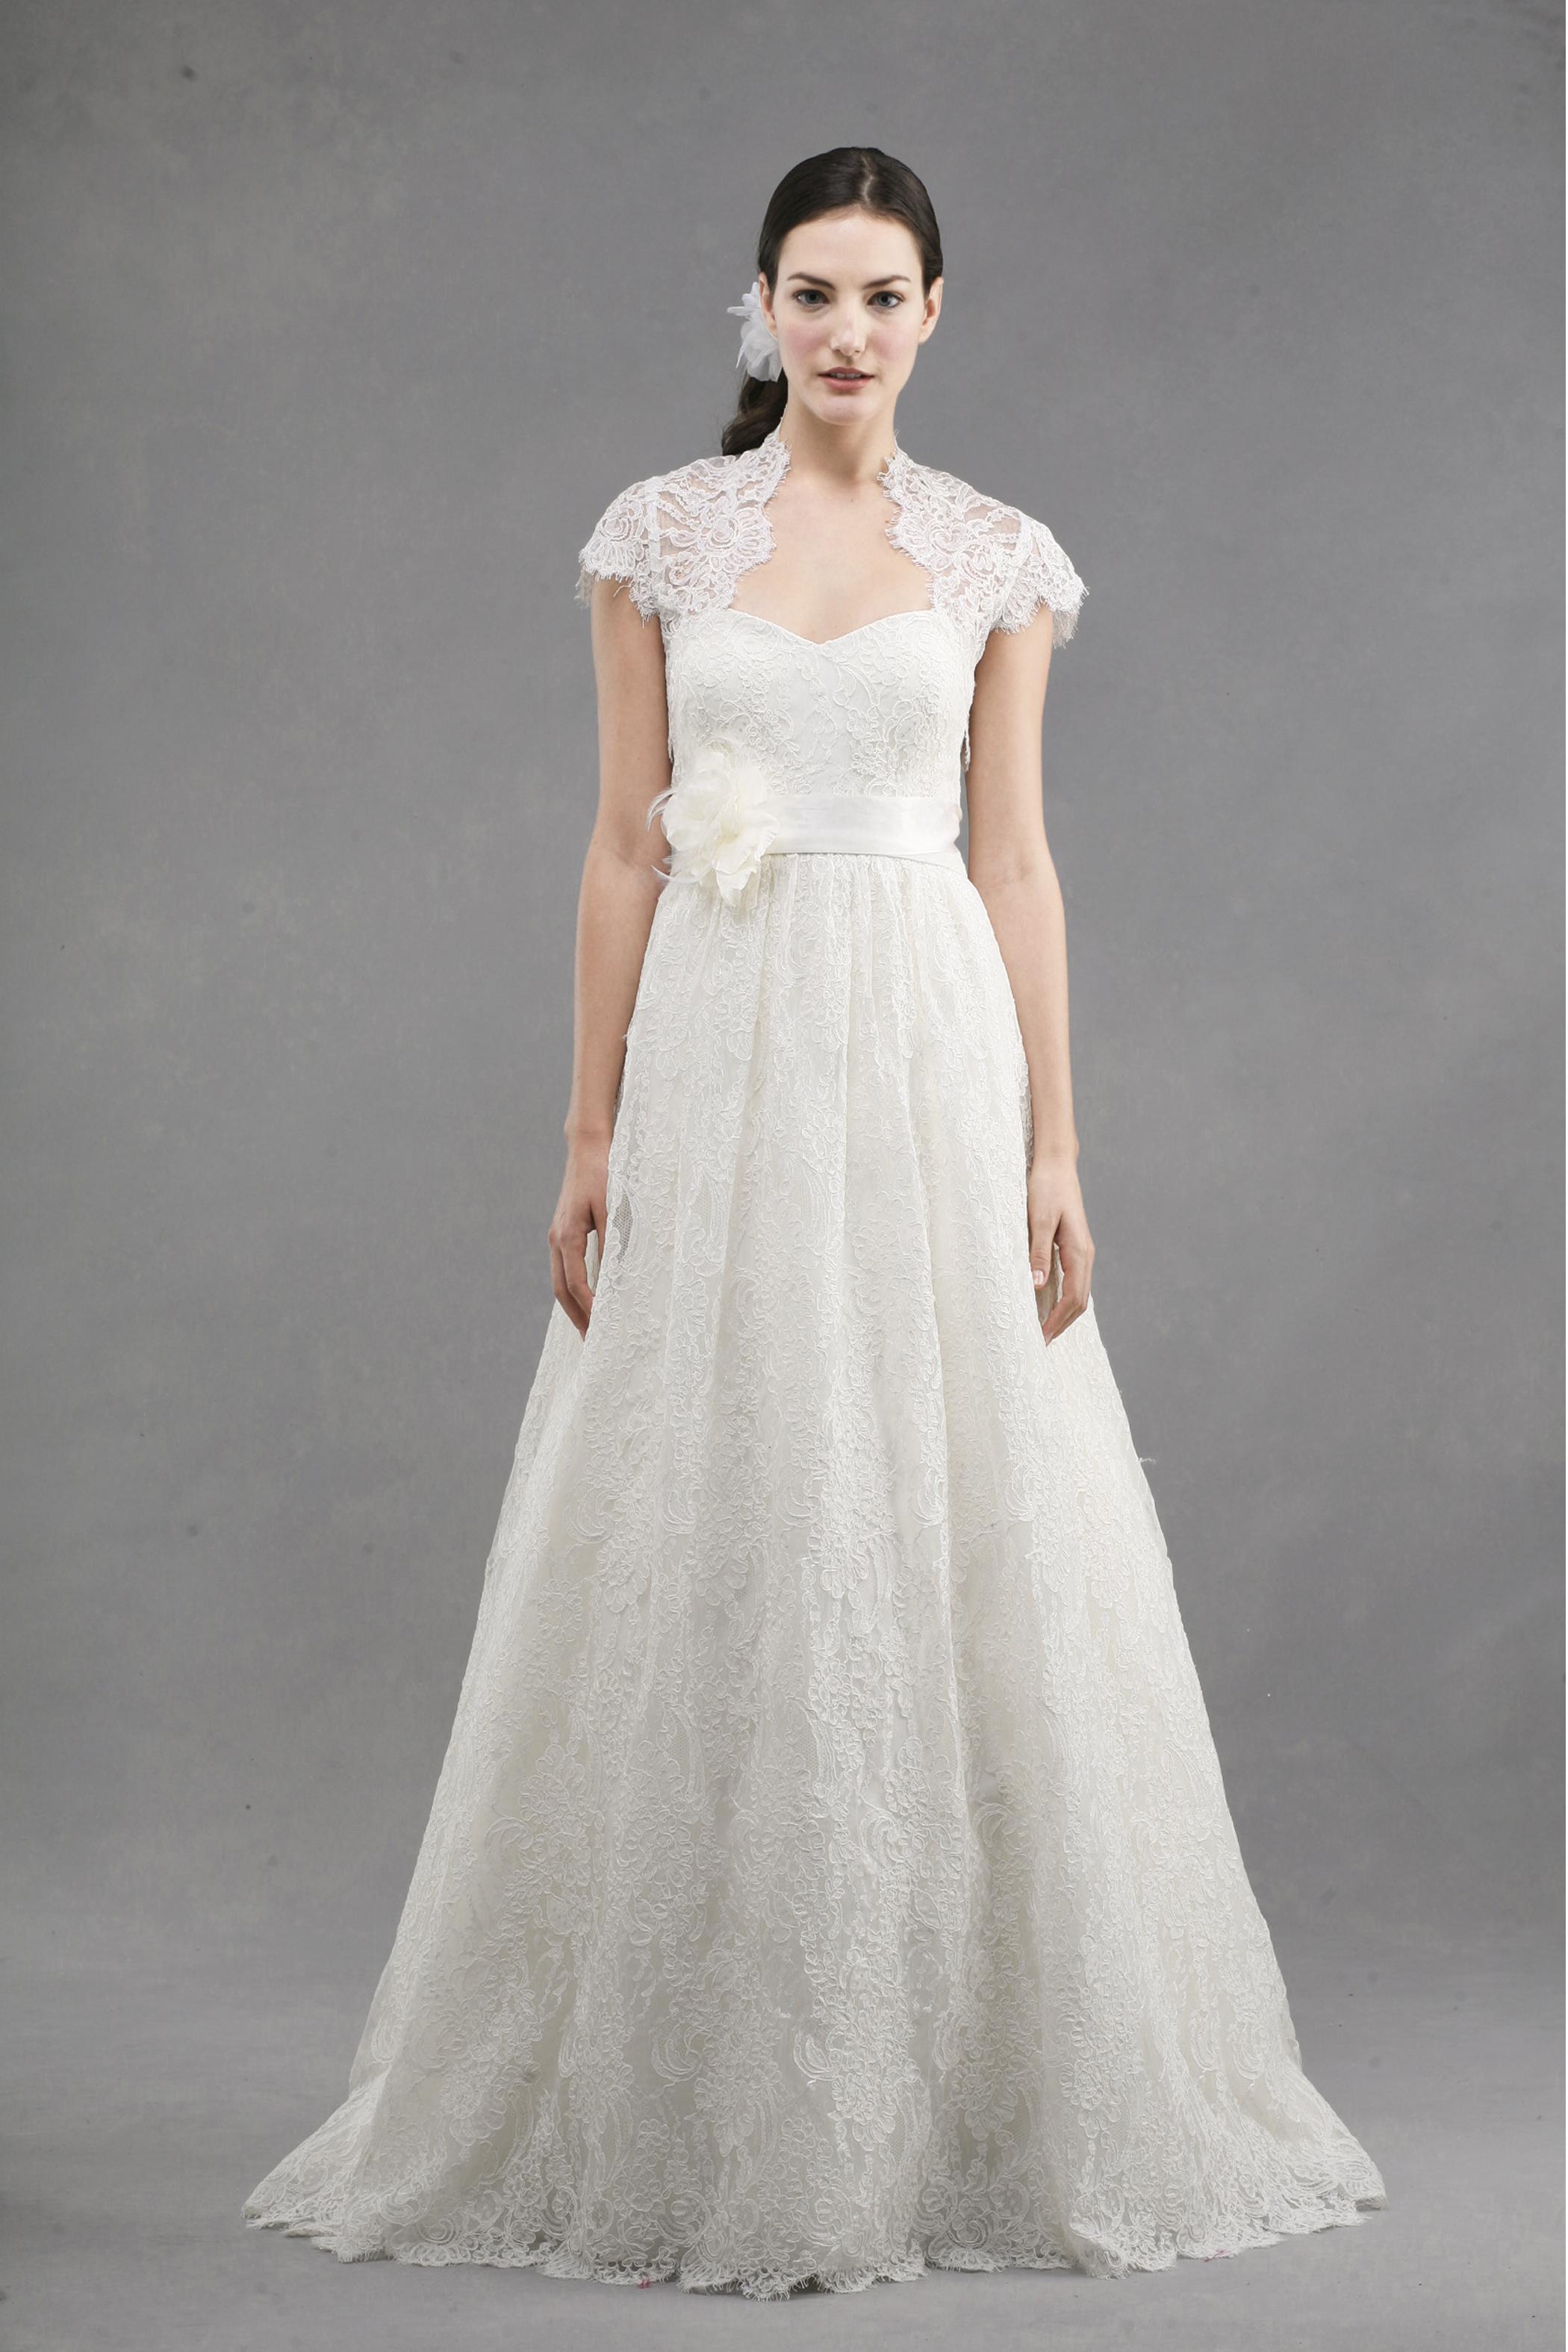 Dresses For Summer Wedding